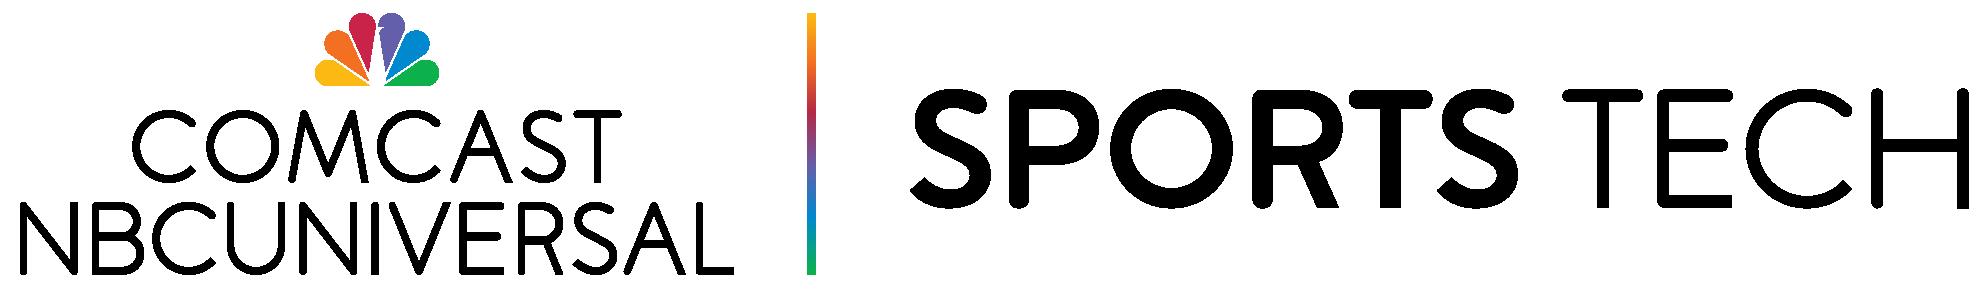 ComcastNBCU_SportsTech_Logo_Horizontal-01